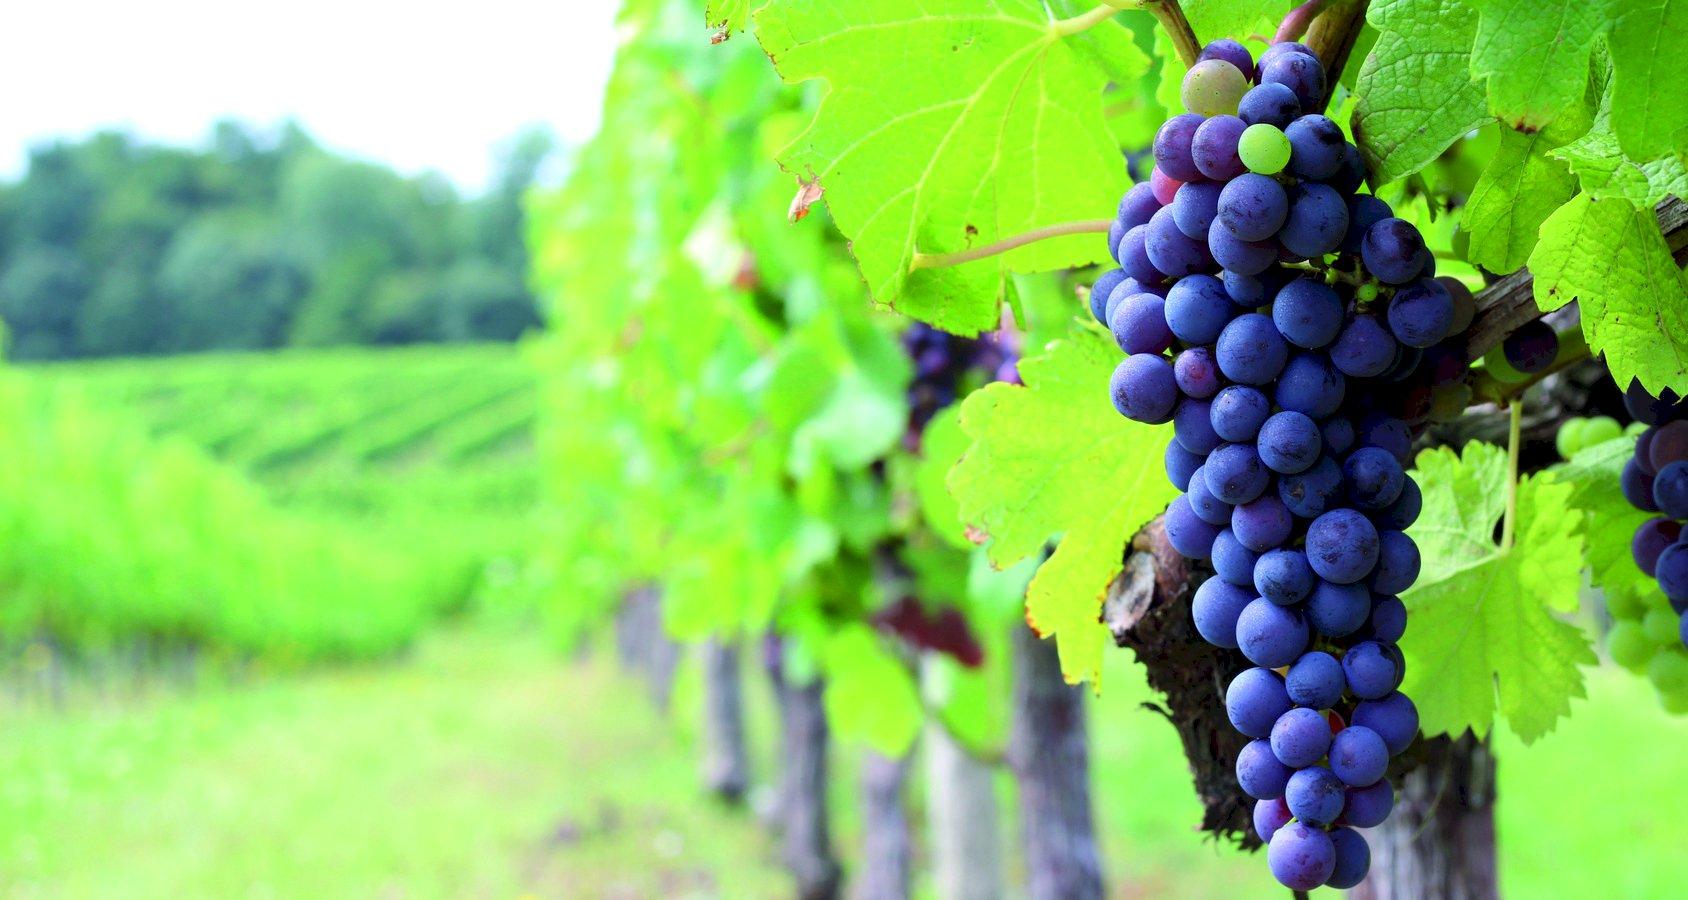 Ophorus Tours - Saint Emilion Wine Tour Private Full Day Shore Excursion From Bordeaux